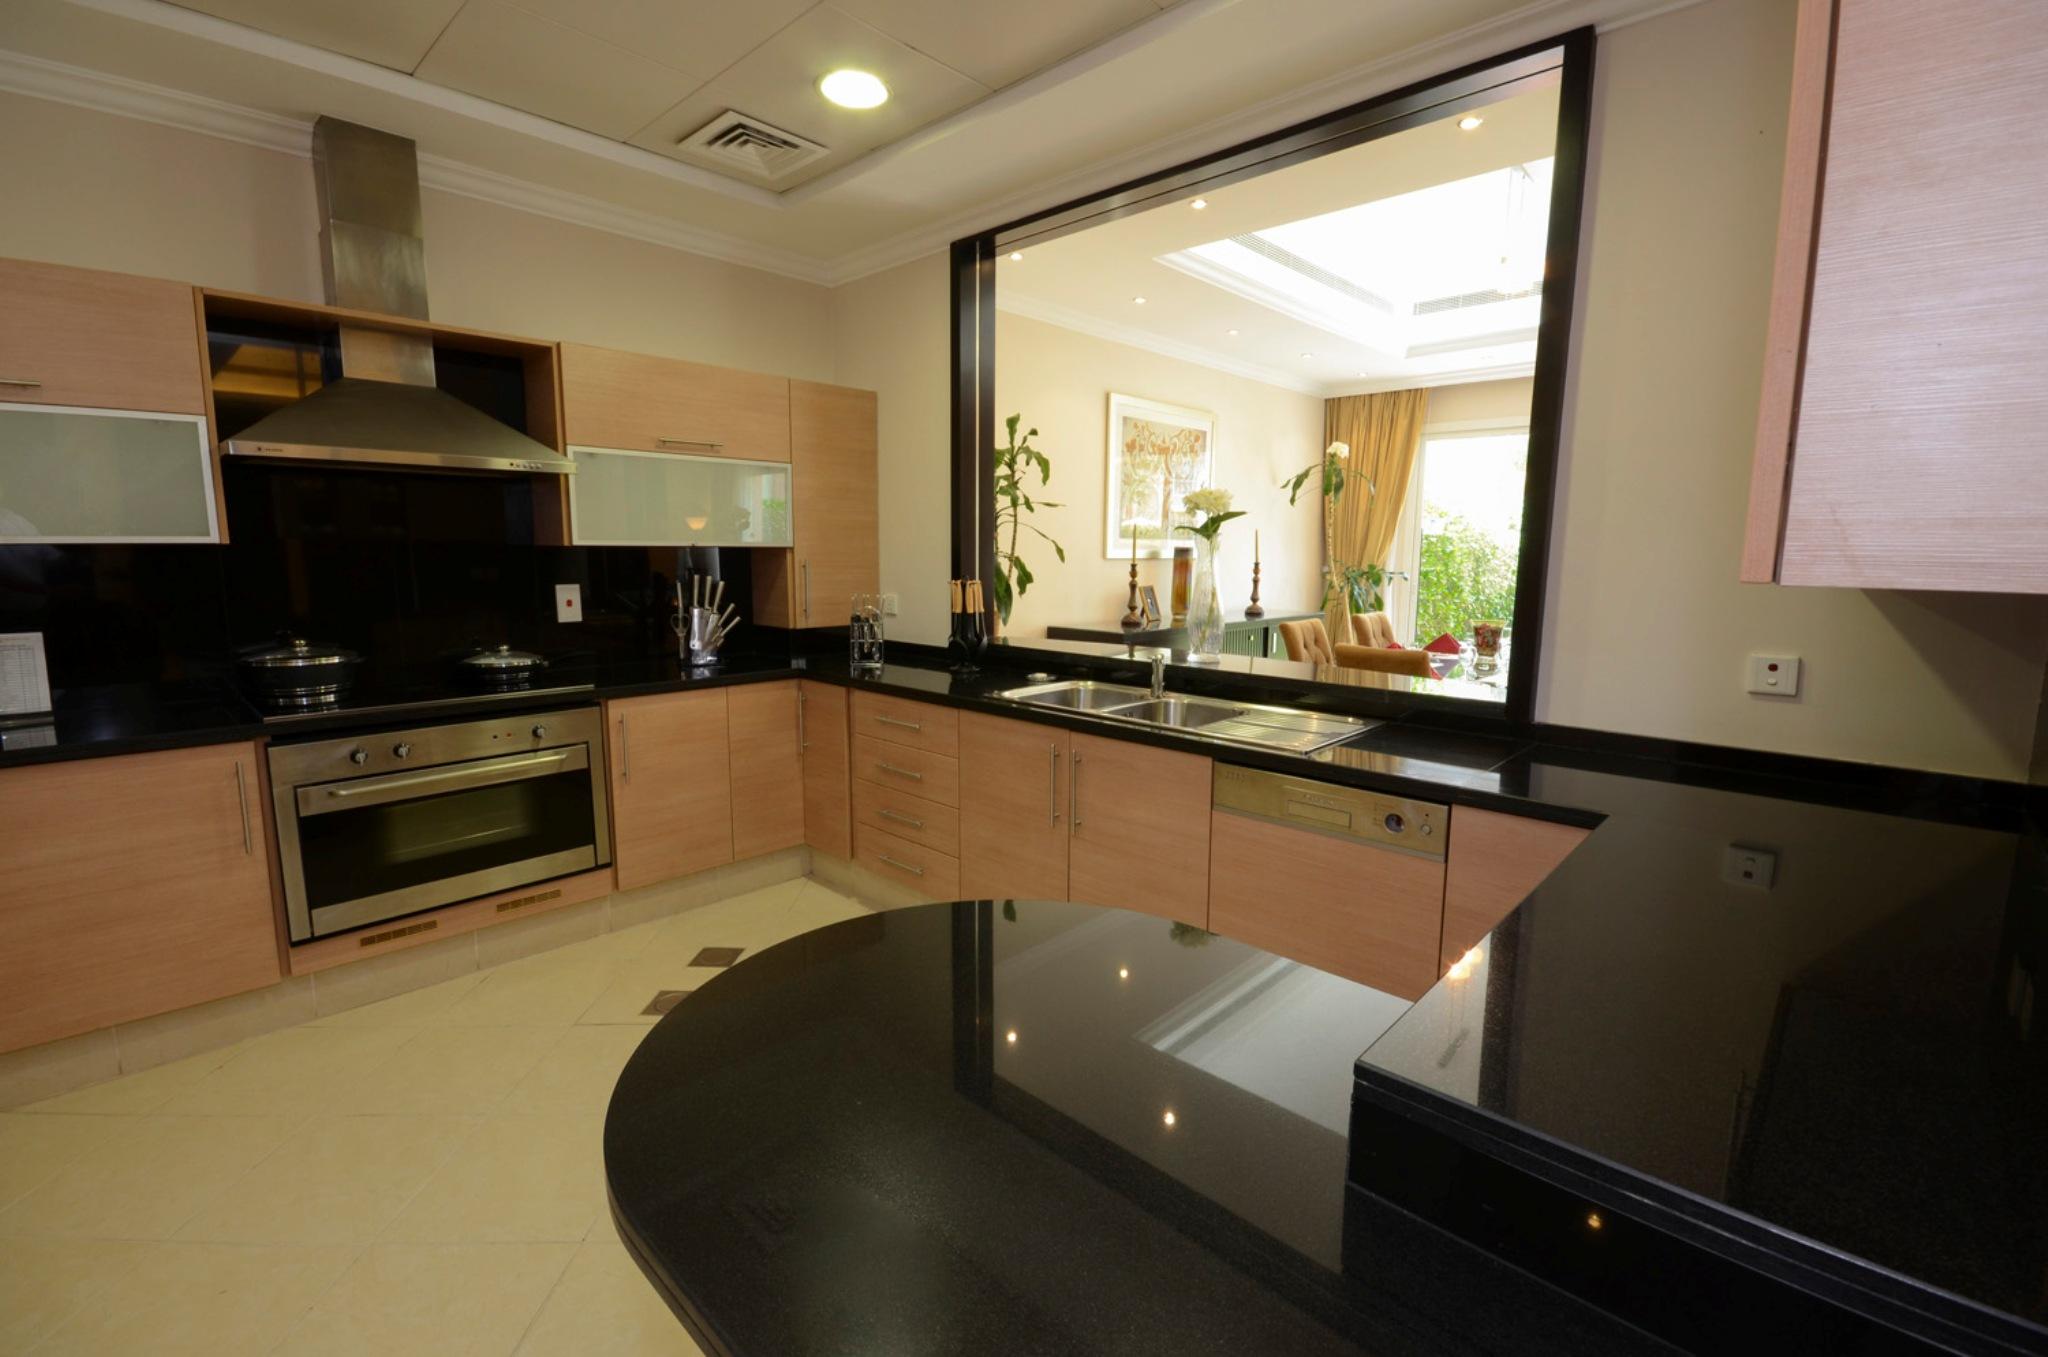 Location Villas Dubai